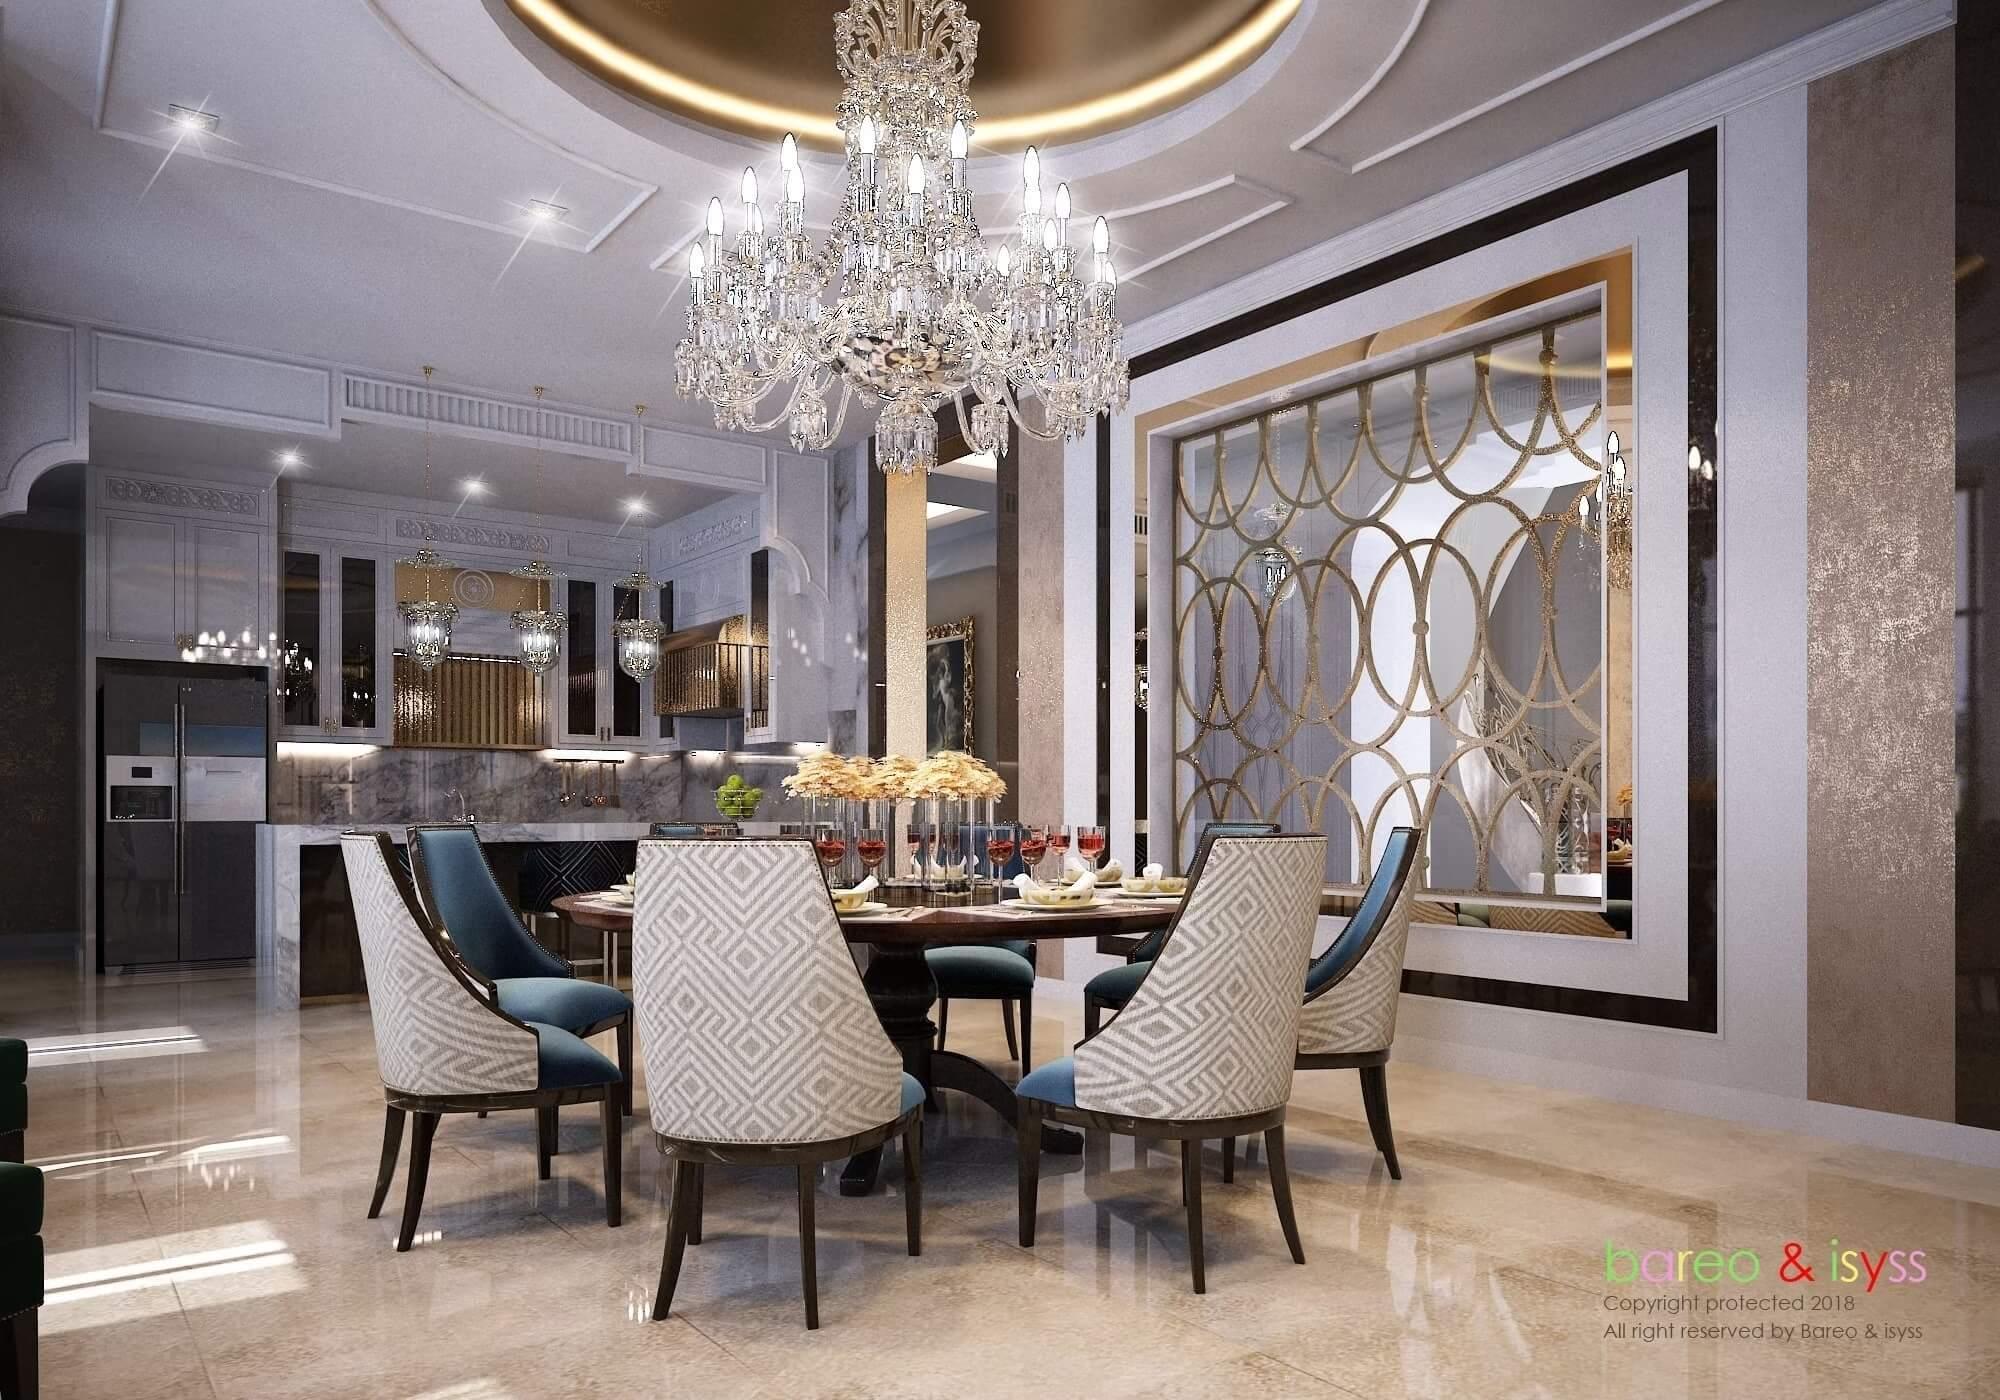 ออกแบบตกแต่งภายใน ตกแต่งภายใน ออกแบบภายใน บริษัทออกแบบภายใน interior Bareo รับออกแบบตกแต่งภายใน รับออกแบบตกแต่ง เฟอร์นิเจอร์ Build in ห้องออกกำลังกาย ห้องทางอาหาร ห้องนั่งเล่น รับออกแบบห้องนั่งเล่น รับออกแบบห้องครัว